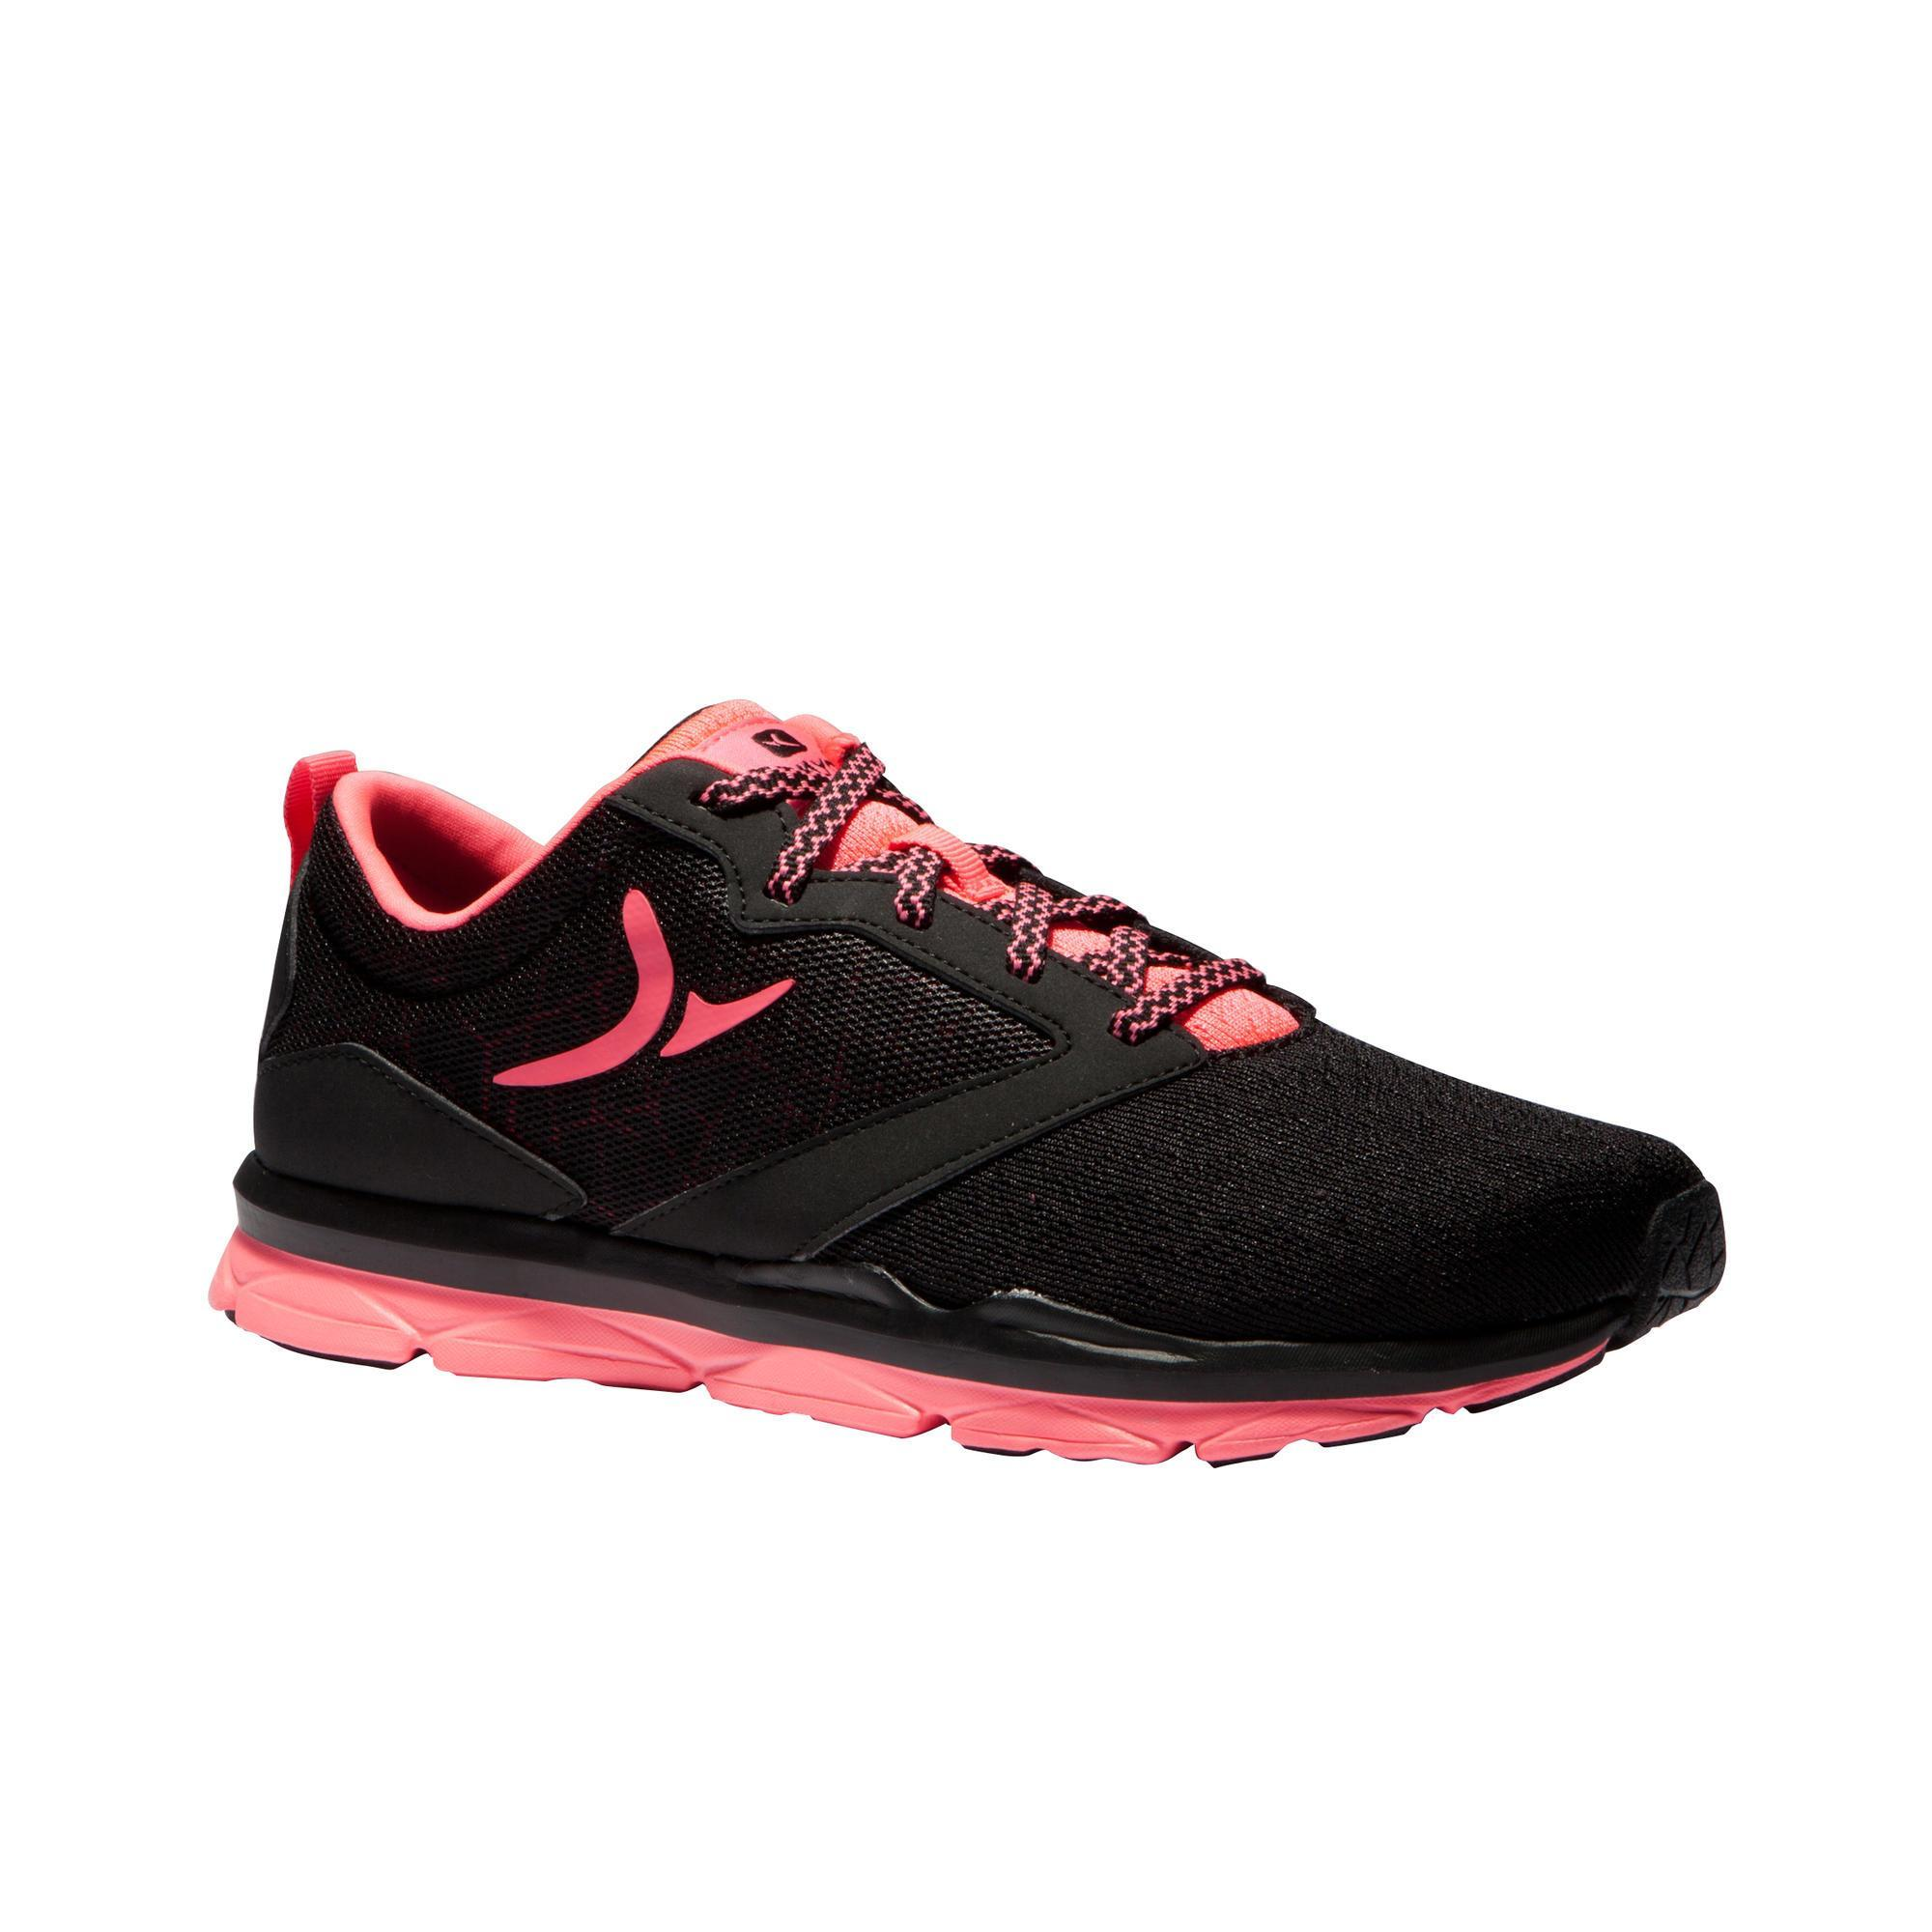 2110081 Domyos Fitnessschoenen Cardio 500 voor dames